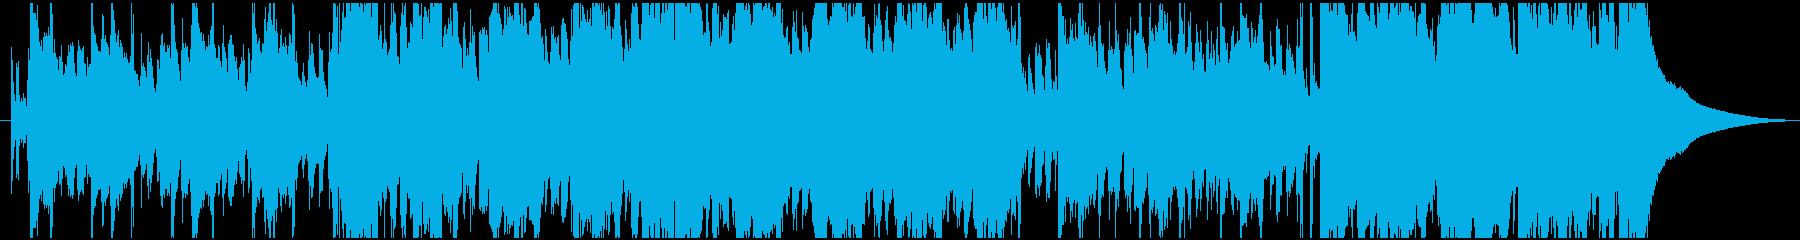 ポップ ロック ブルース バトル ...の再生済みの波形